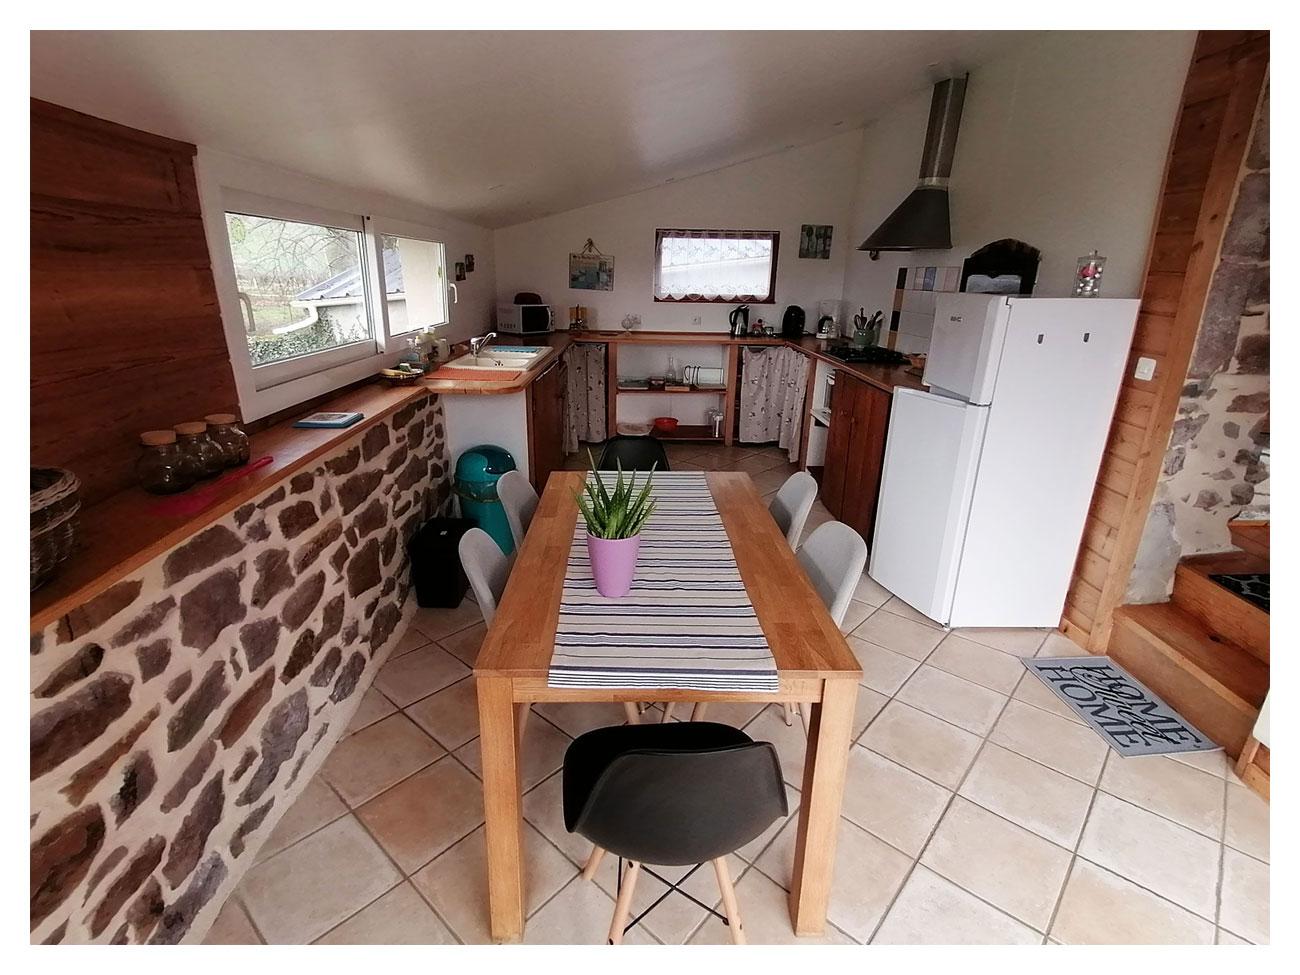 La cuisine-salle à manger du gïte La Parisière est entièrement équipée